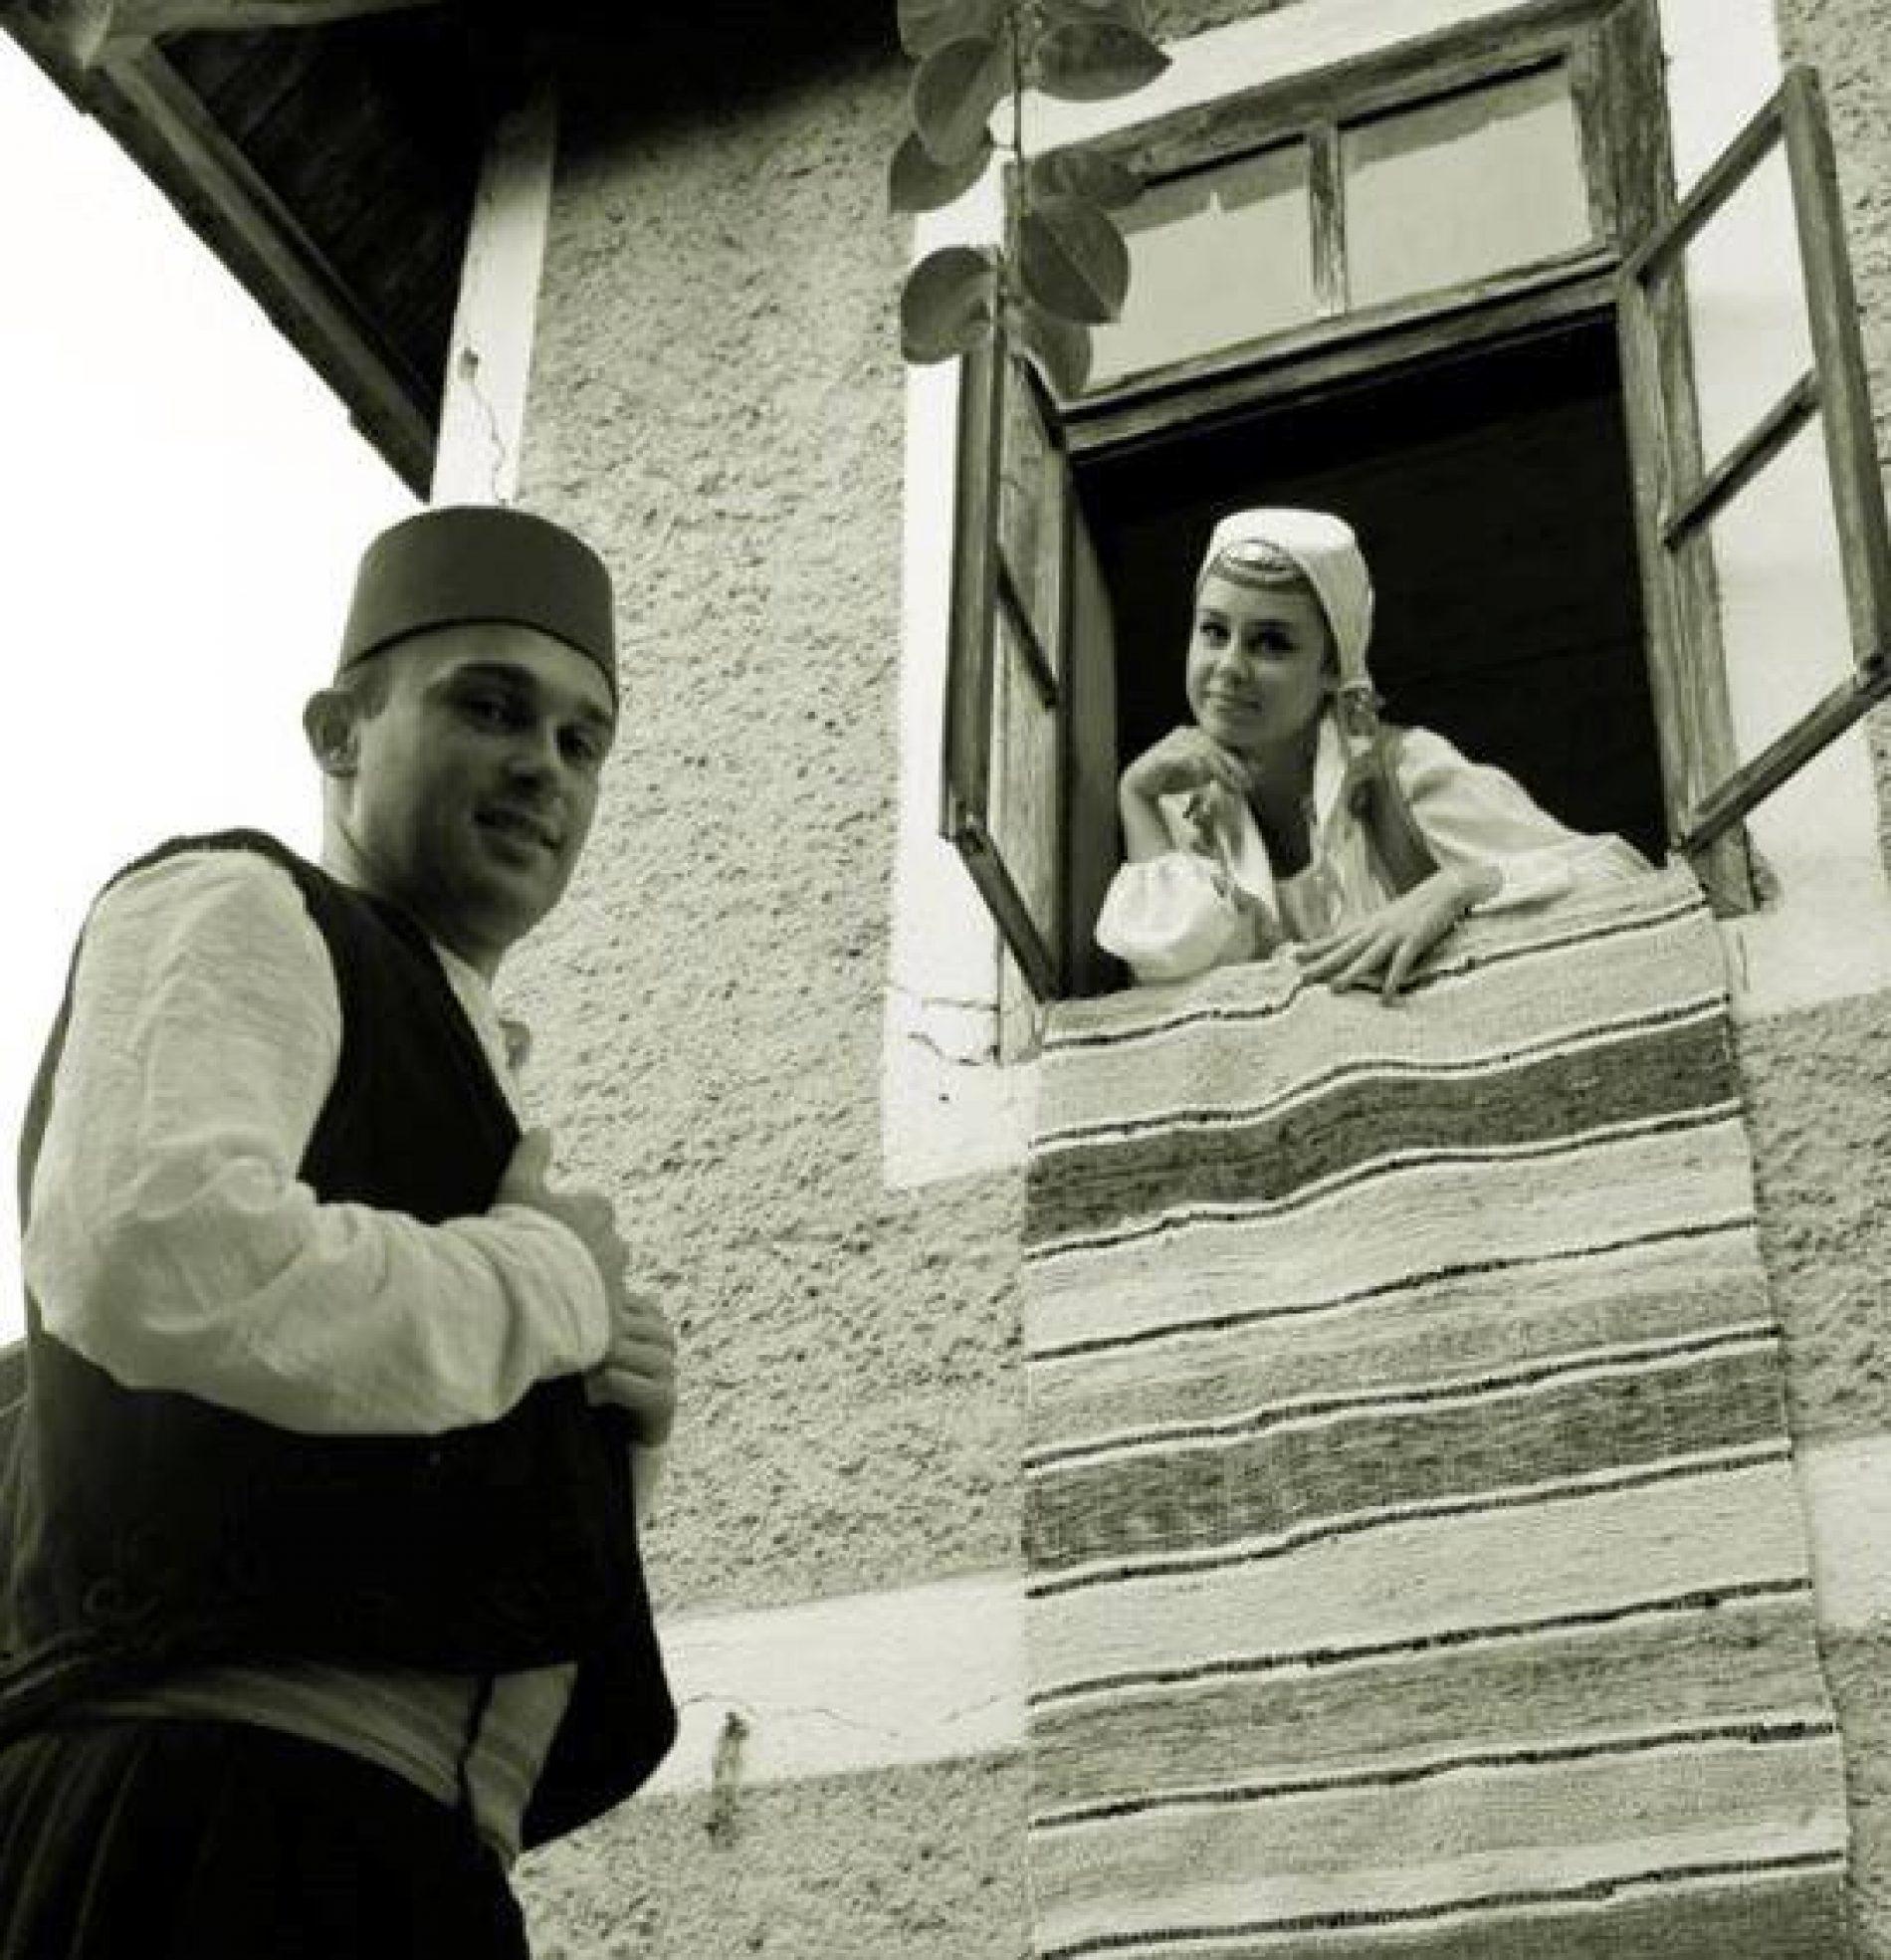 Sevdalinka u oblikovanju bošnjačkog mentaliteta i umijeću pjevanja Safeta Isovića i Himze Polovine